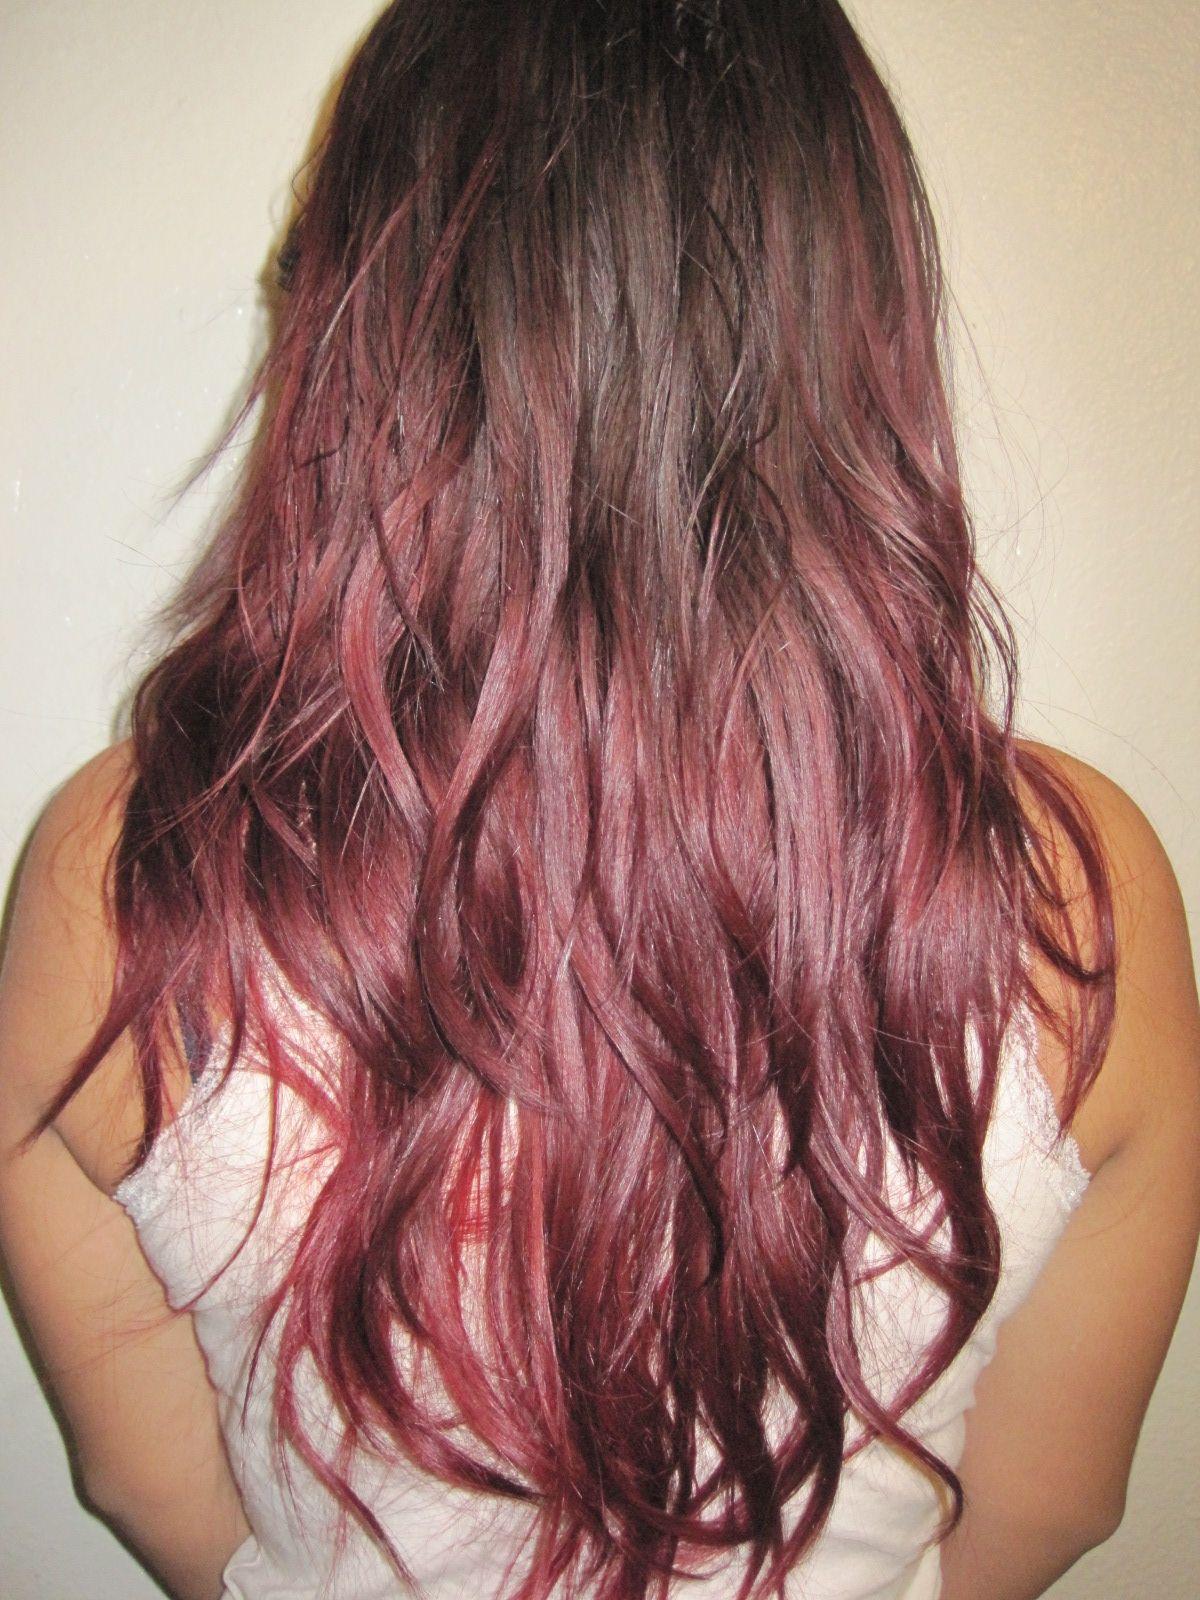 Will Kool Aid Damage Hair Anexa Beauty